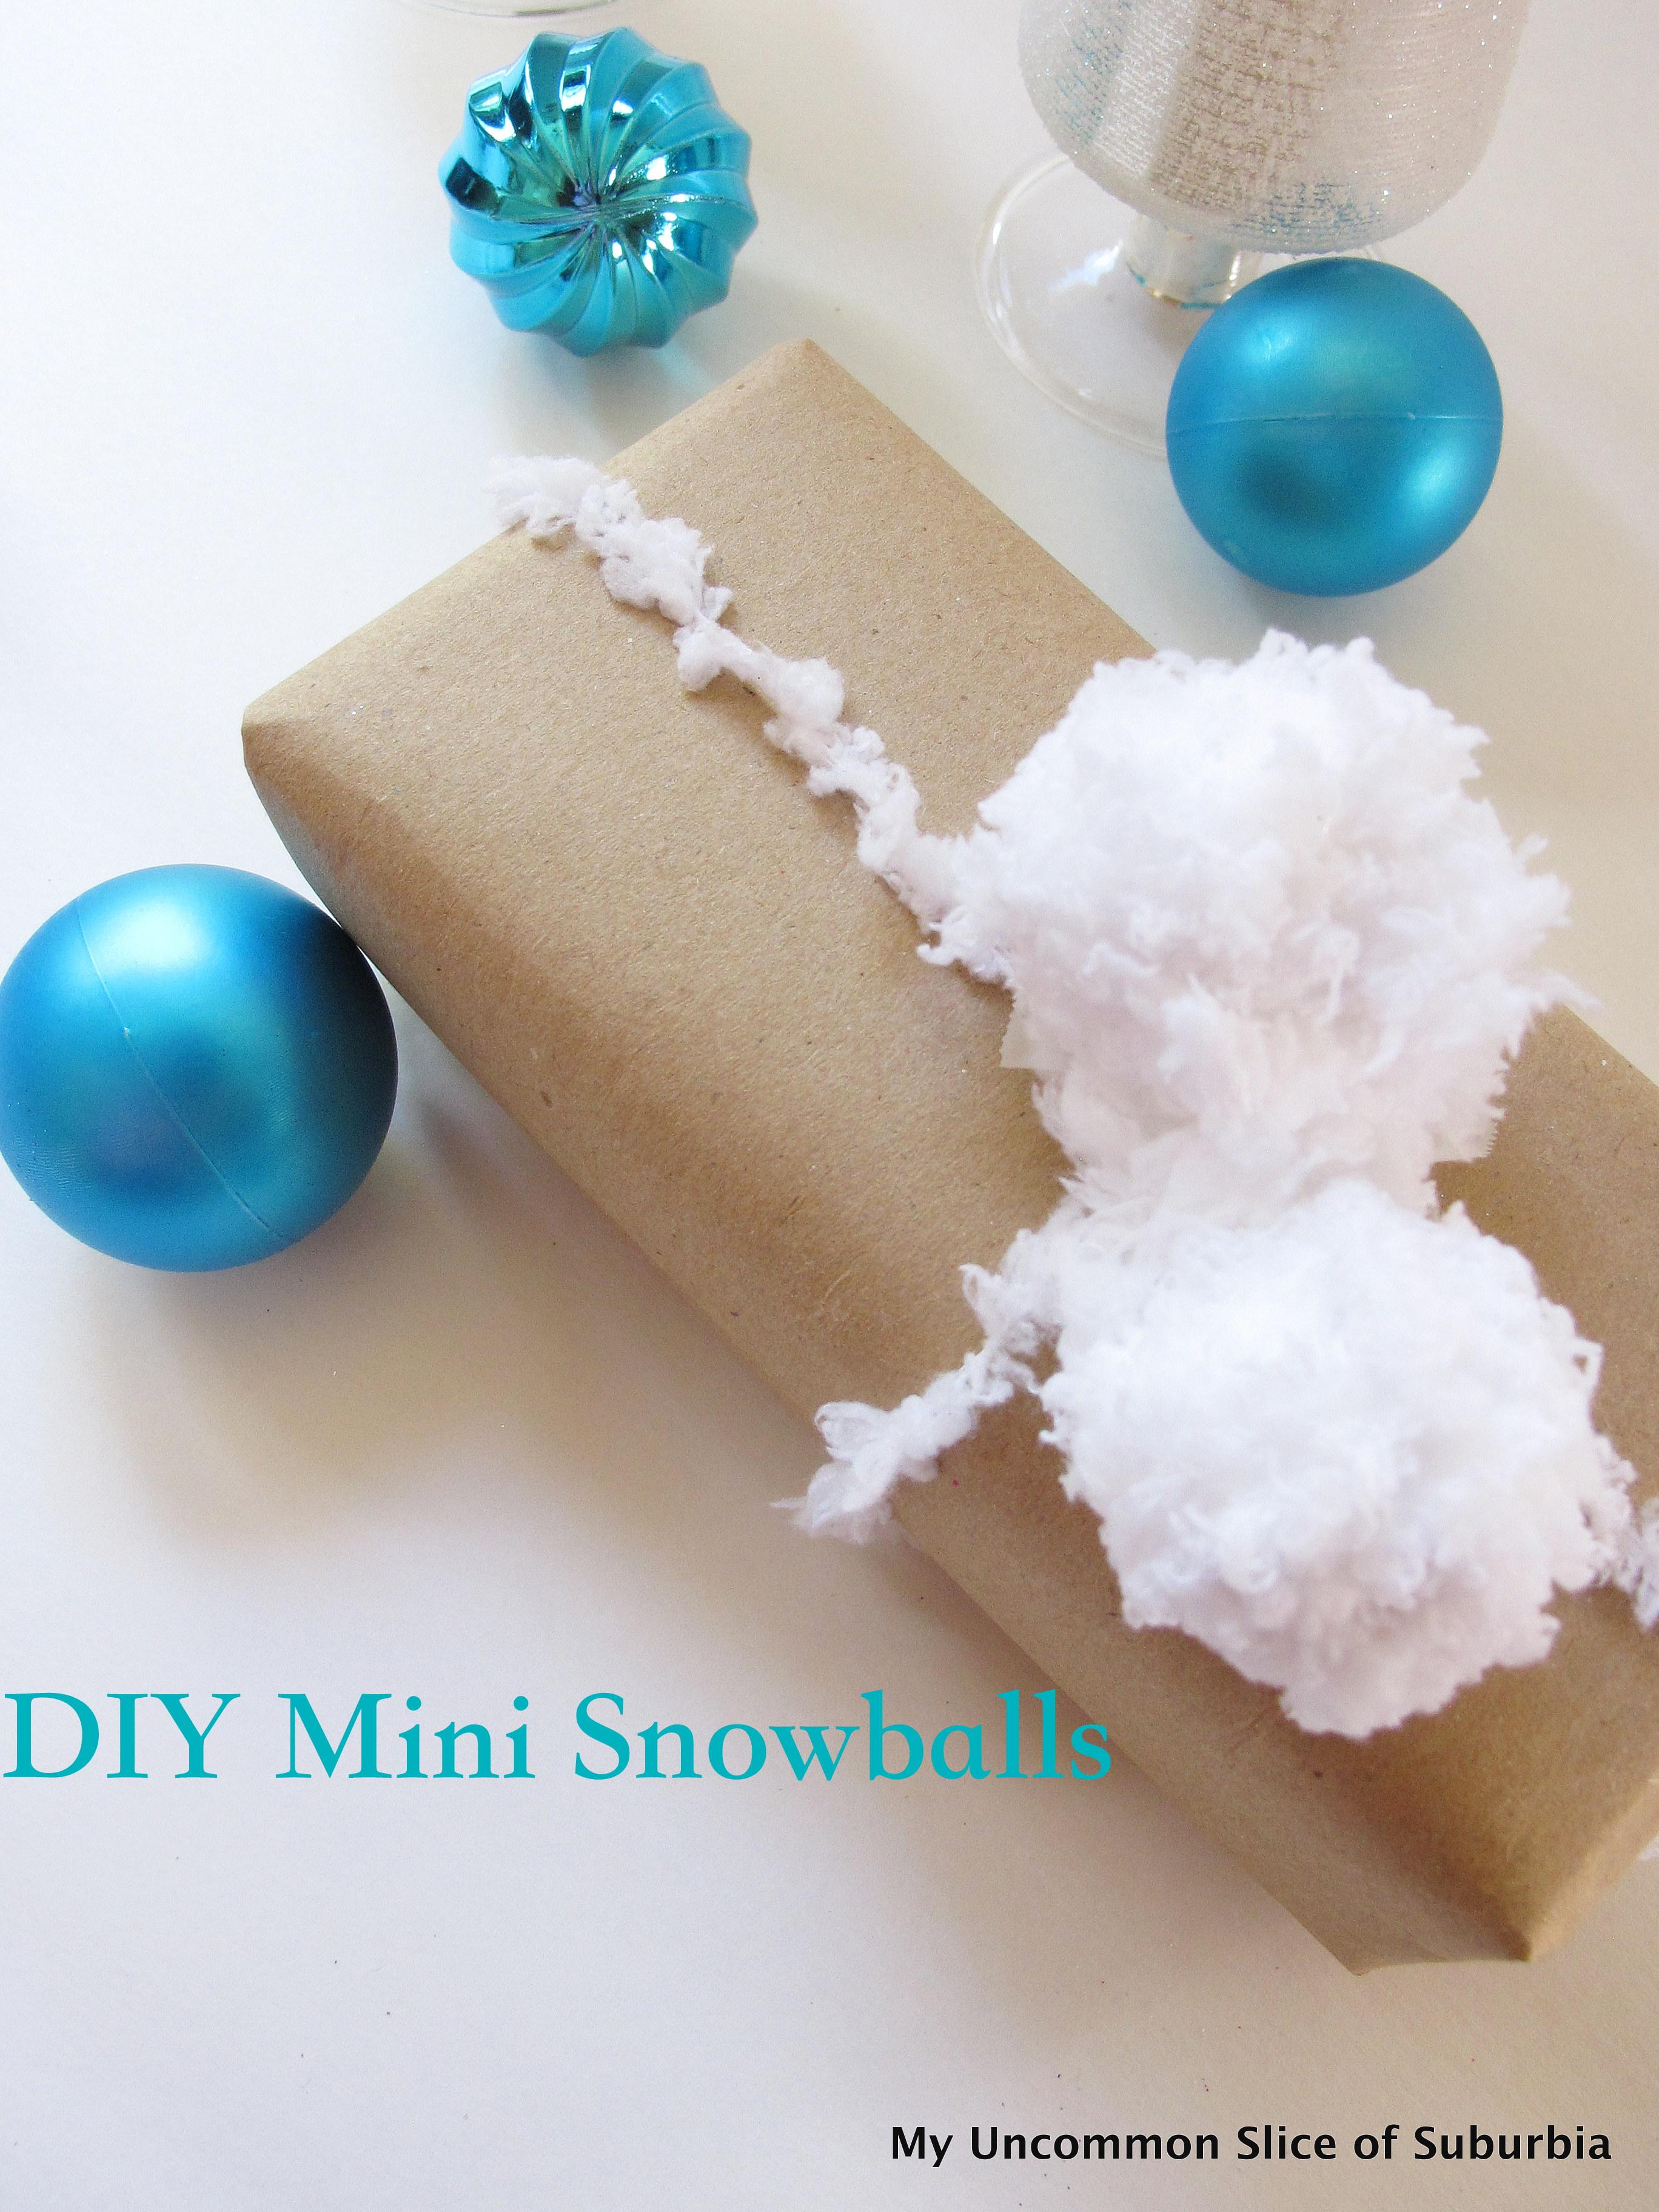 DIY Mini Snowballs